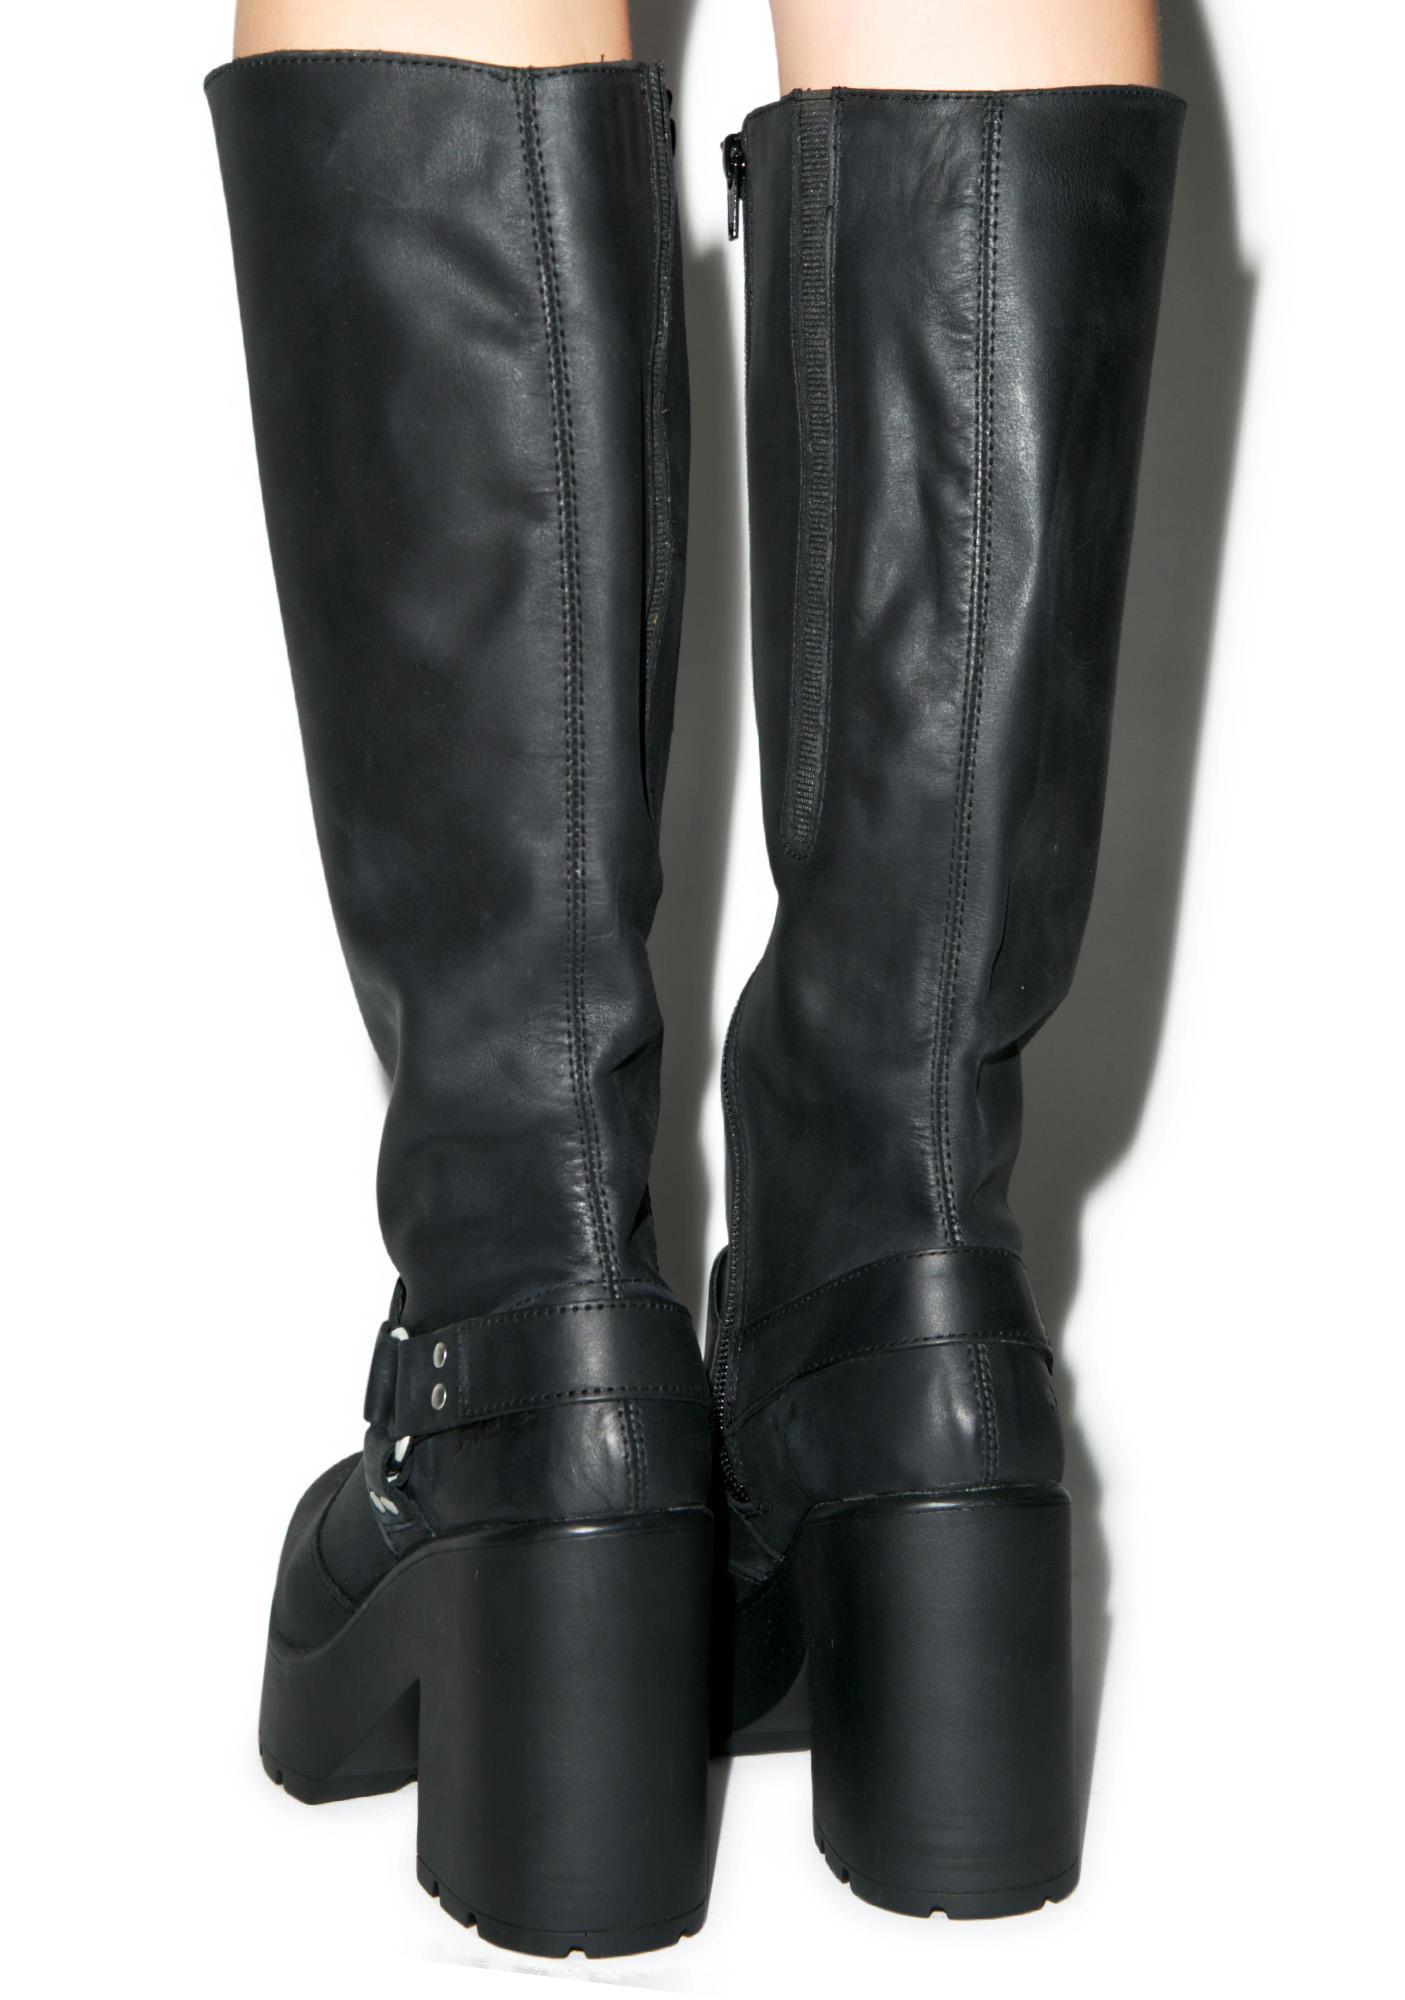 ROC Boots Melee Murder Boots